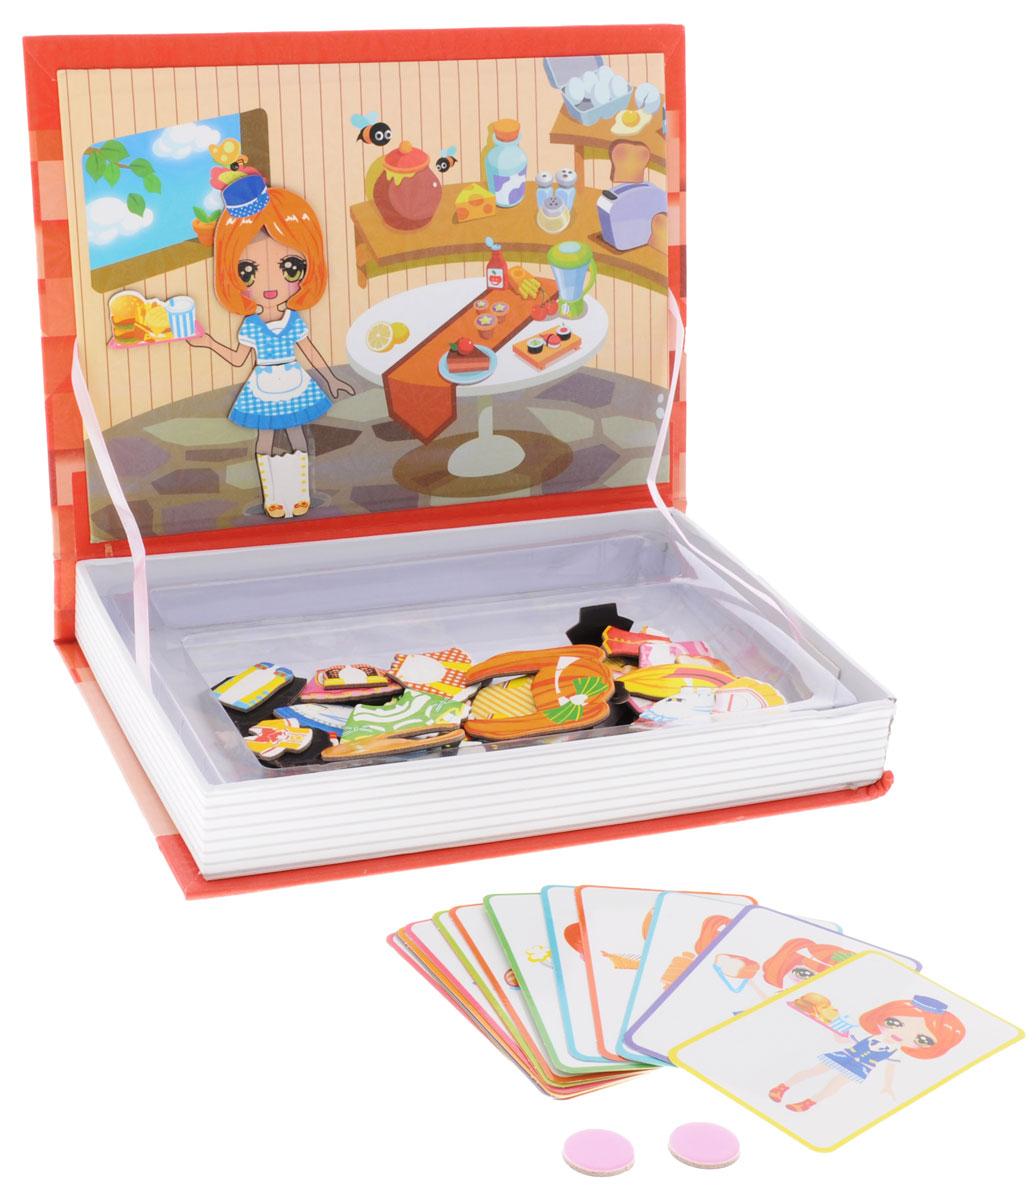 1TOY Игровой набор Магбук КафеТ57380Игровой набор 1TOY Магбук: Кафе выполнен в виде книги, в которой находятся 16 карточек-подсказок и 68 магнитных деталей. Детали выполнены из ламинированной бумаги и ламинированного картона. В процессе игры можно собирать образы, используя карточки-подсказки, а можно придумать свои собственные. Игра способствует развитию фантазии.